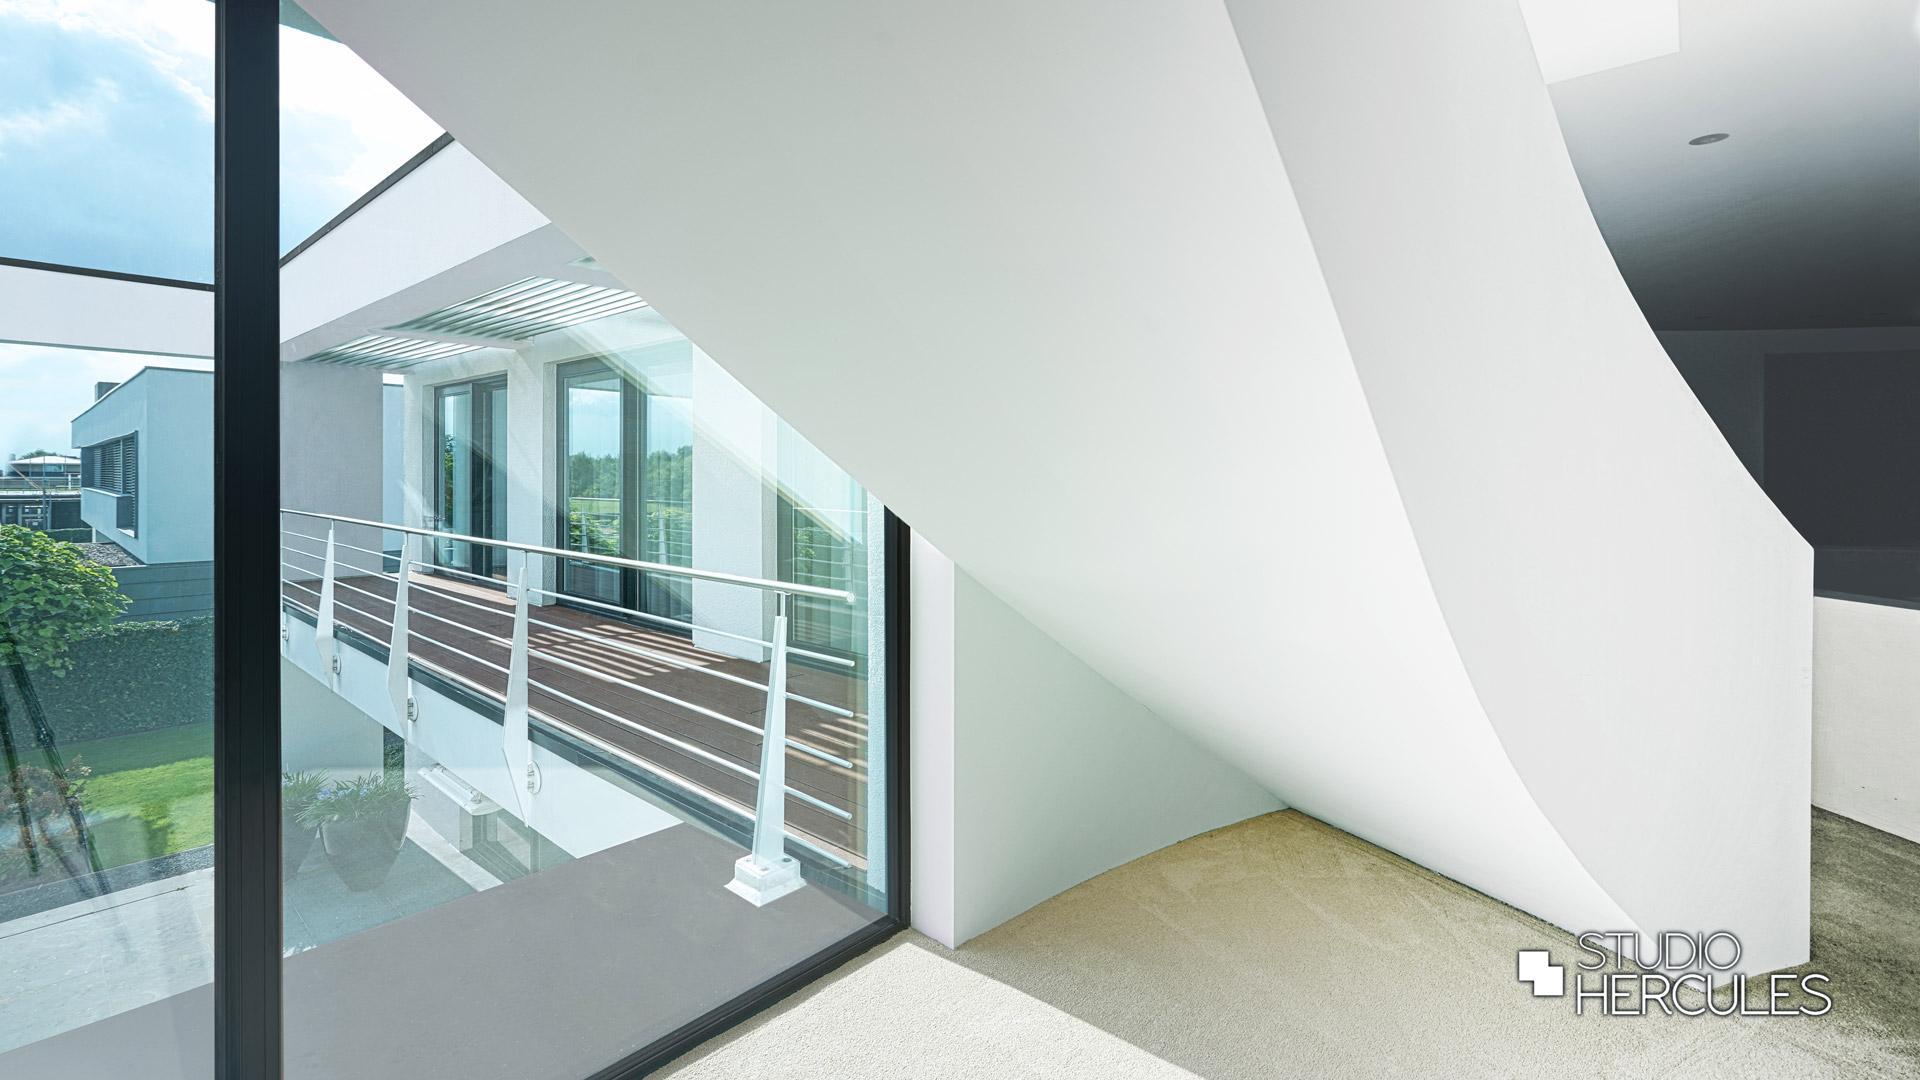 Moderne trap in hedendaagse villa.